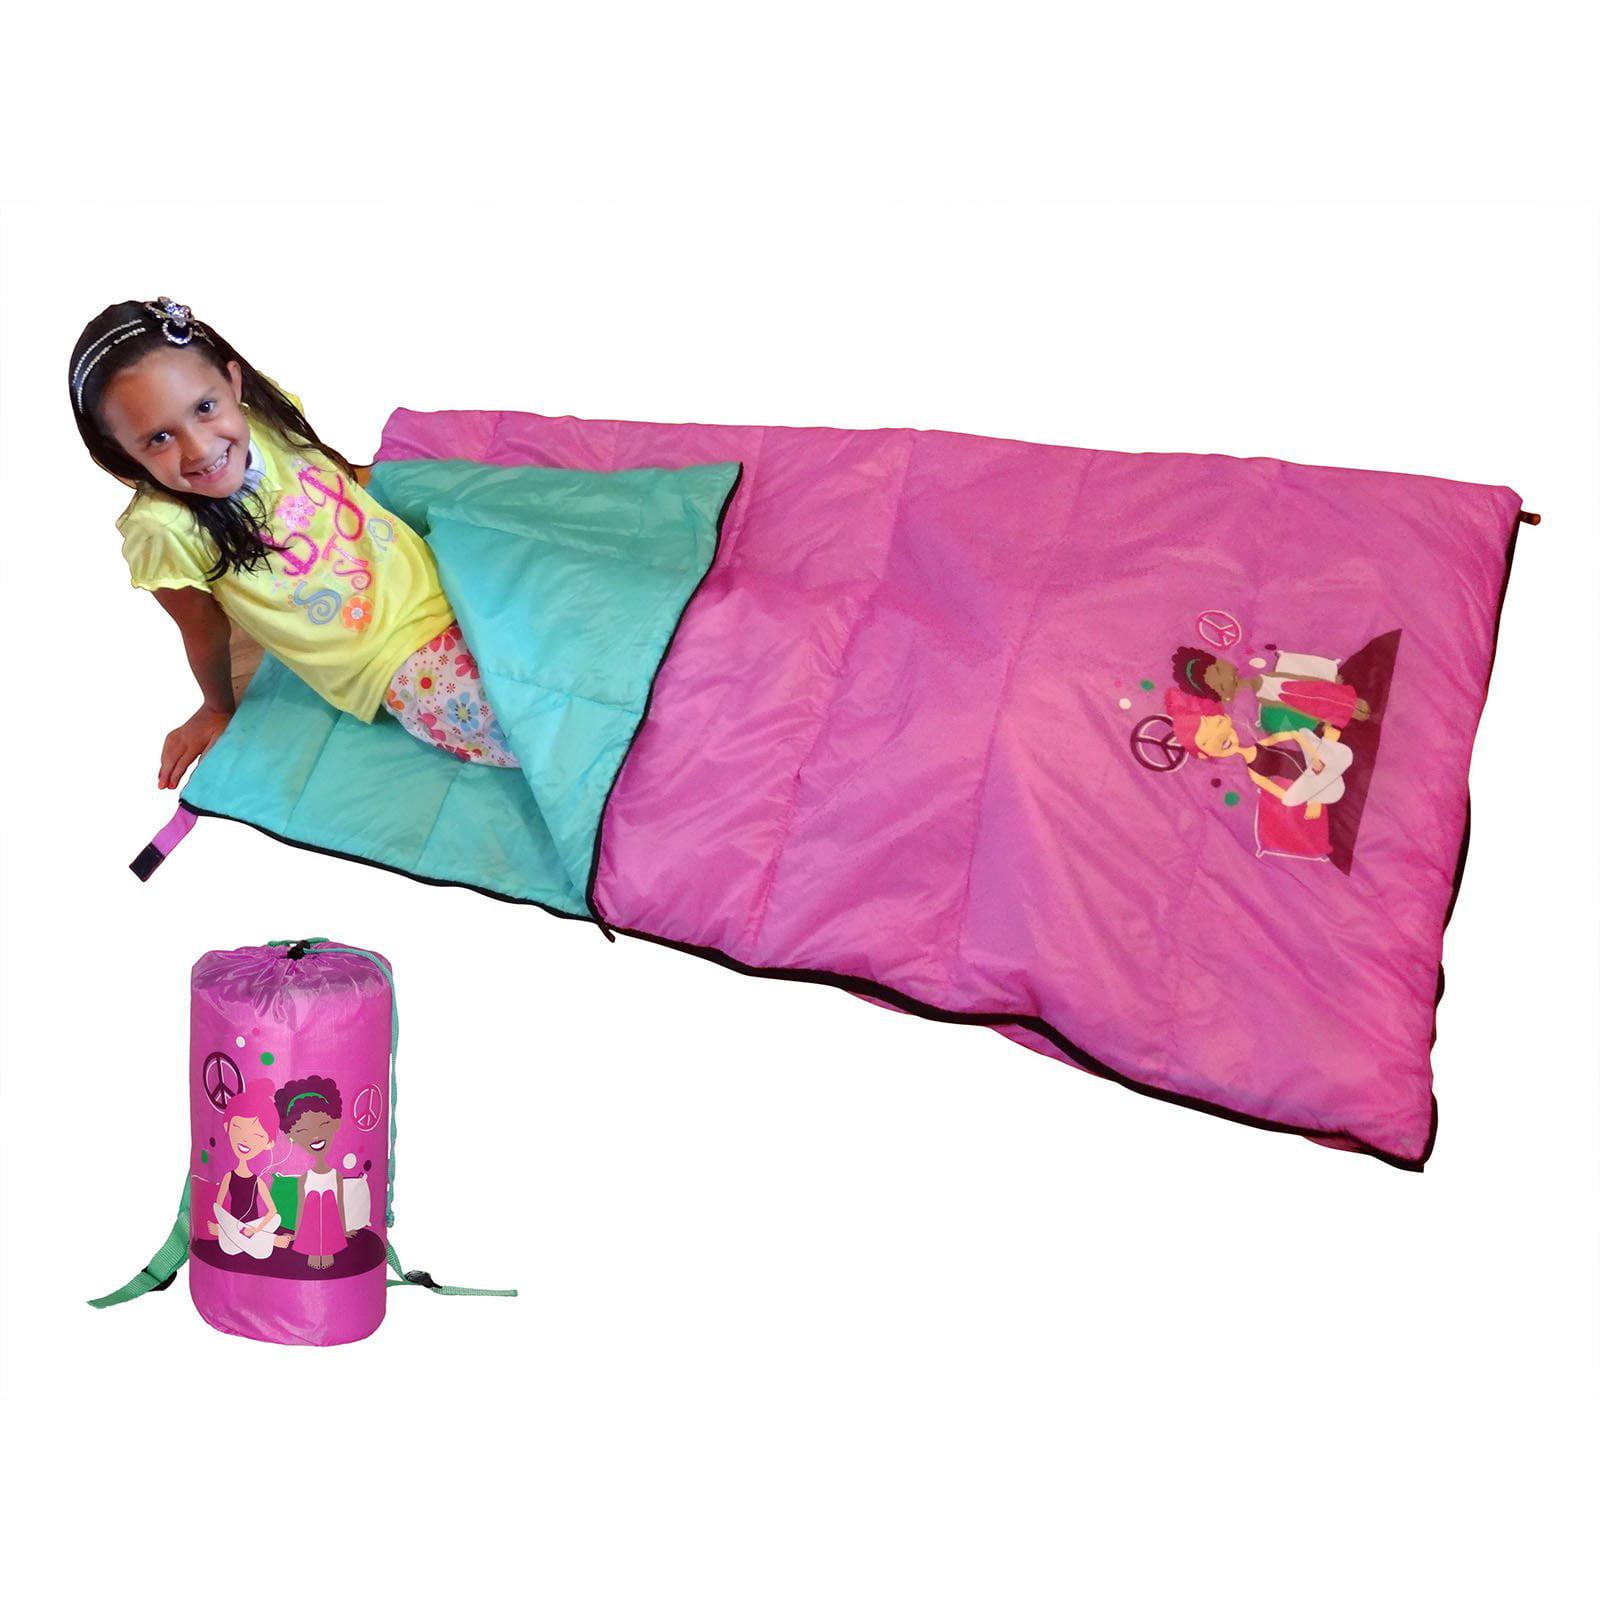 Gigatent Slumber Girl Sleeping Bag by GigaTent